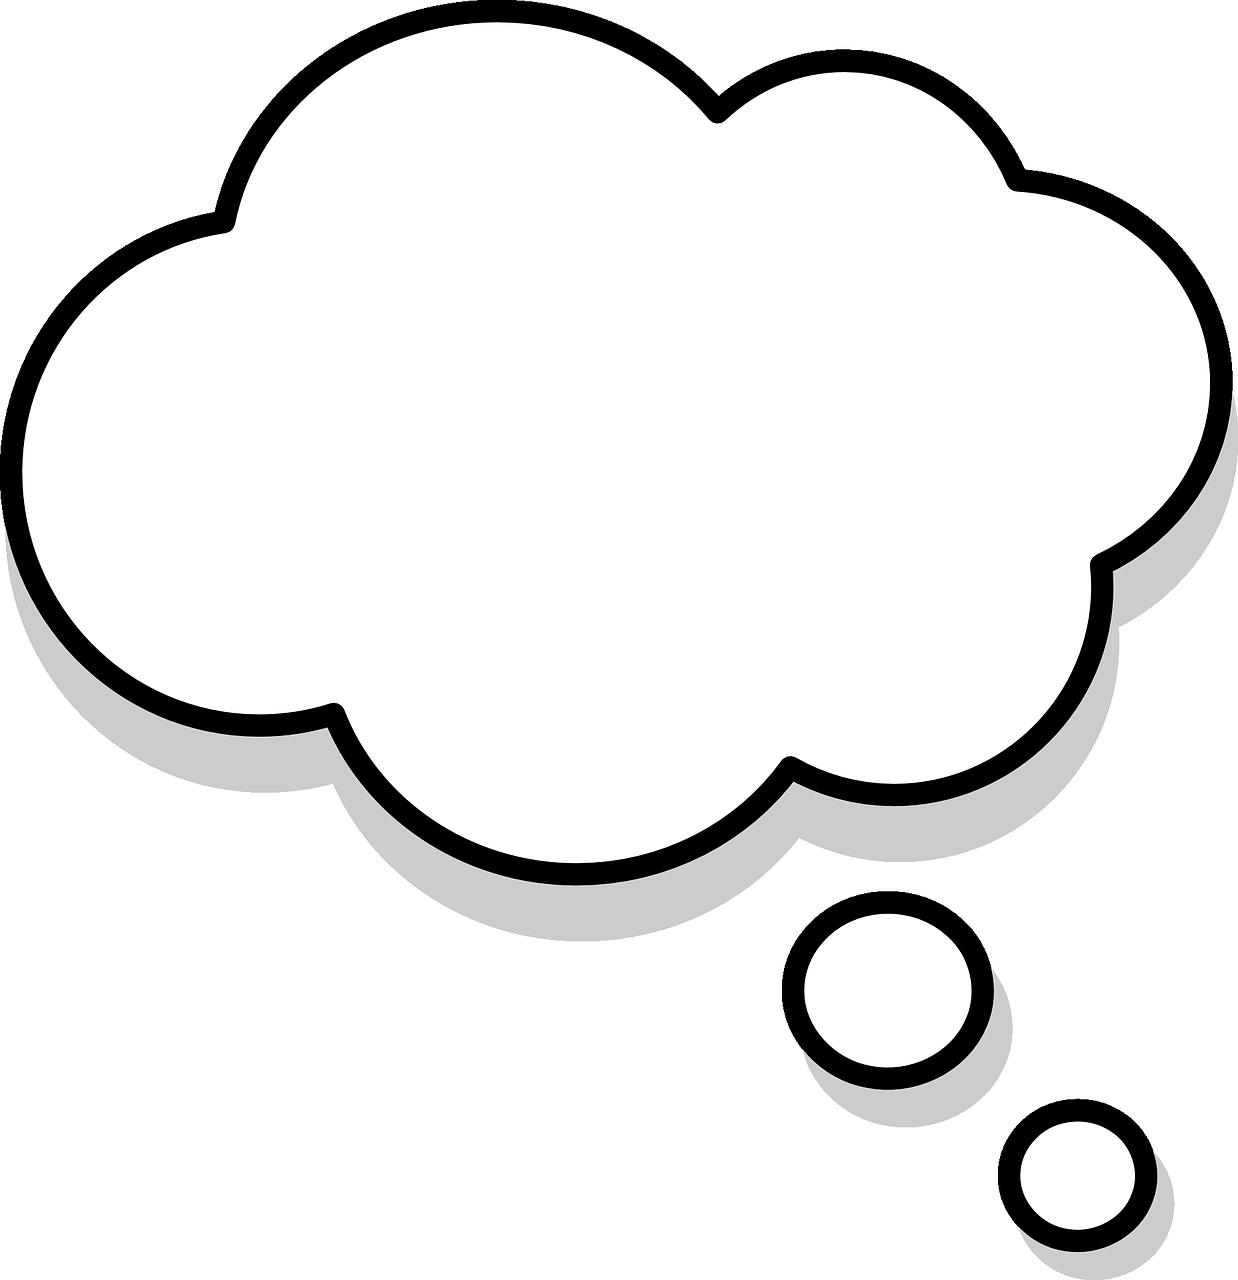 Free Image On Pixabay Thinking Thought Bubbles Thought Bubbles Bubble Tattoo Thought Balloons